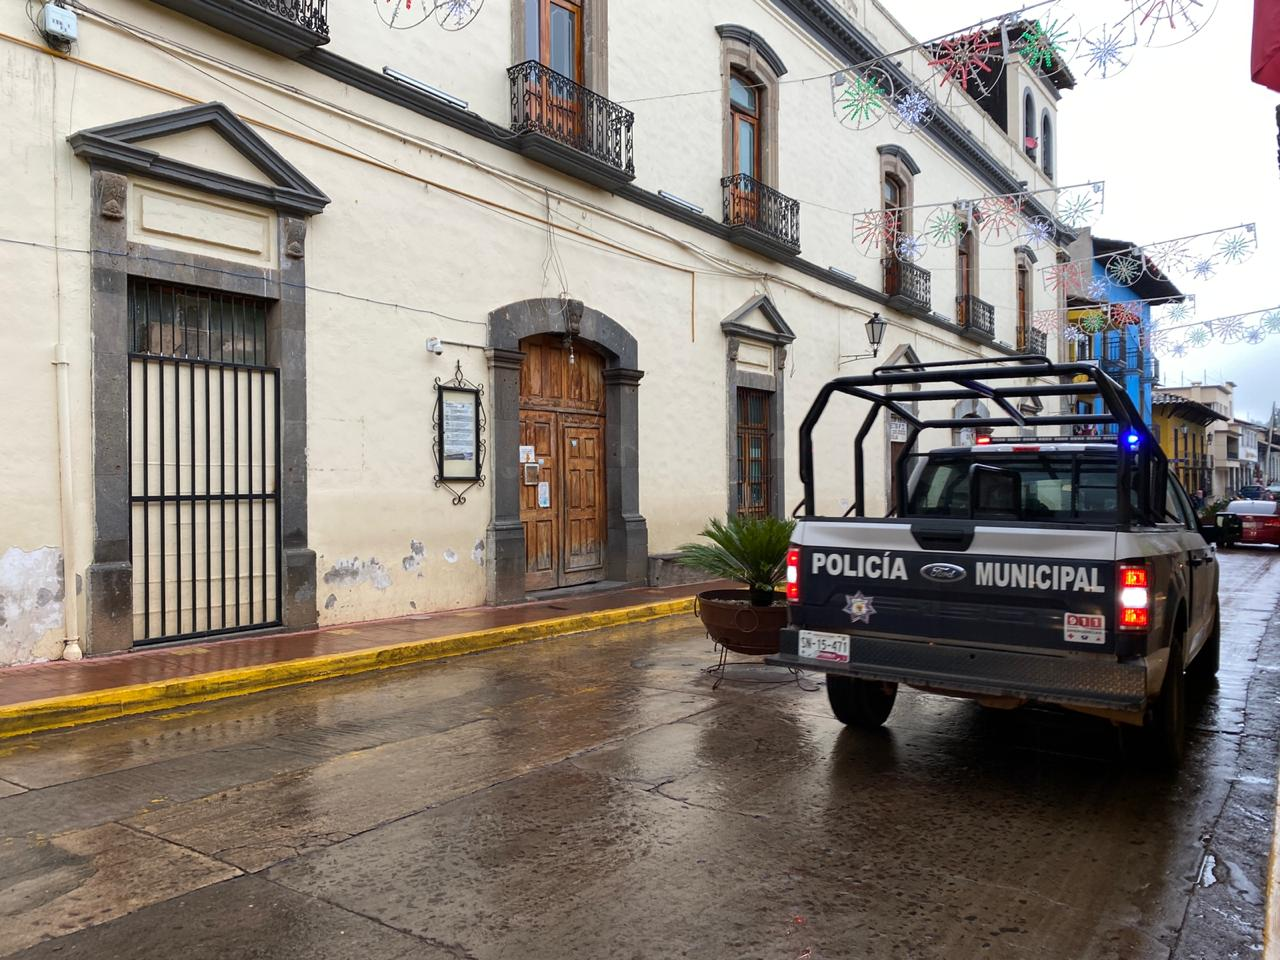 Brote de covid19 en penal de Zacatlán; hay 7 enfermos